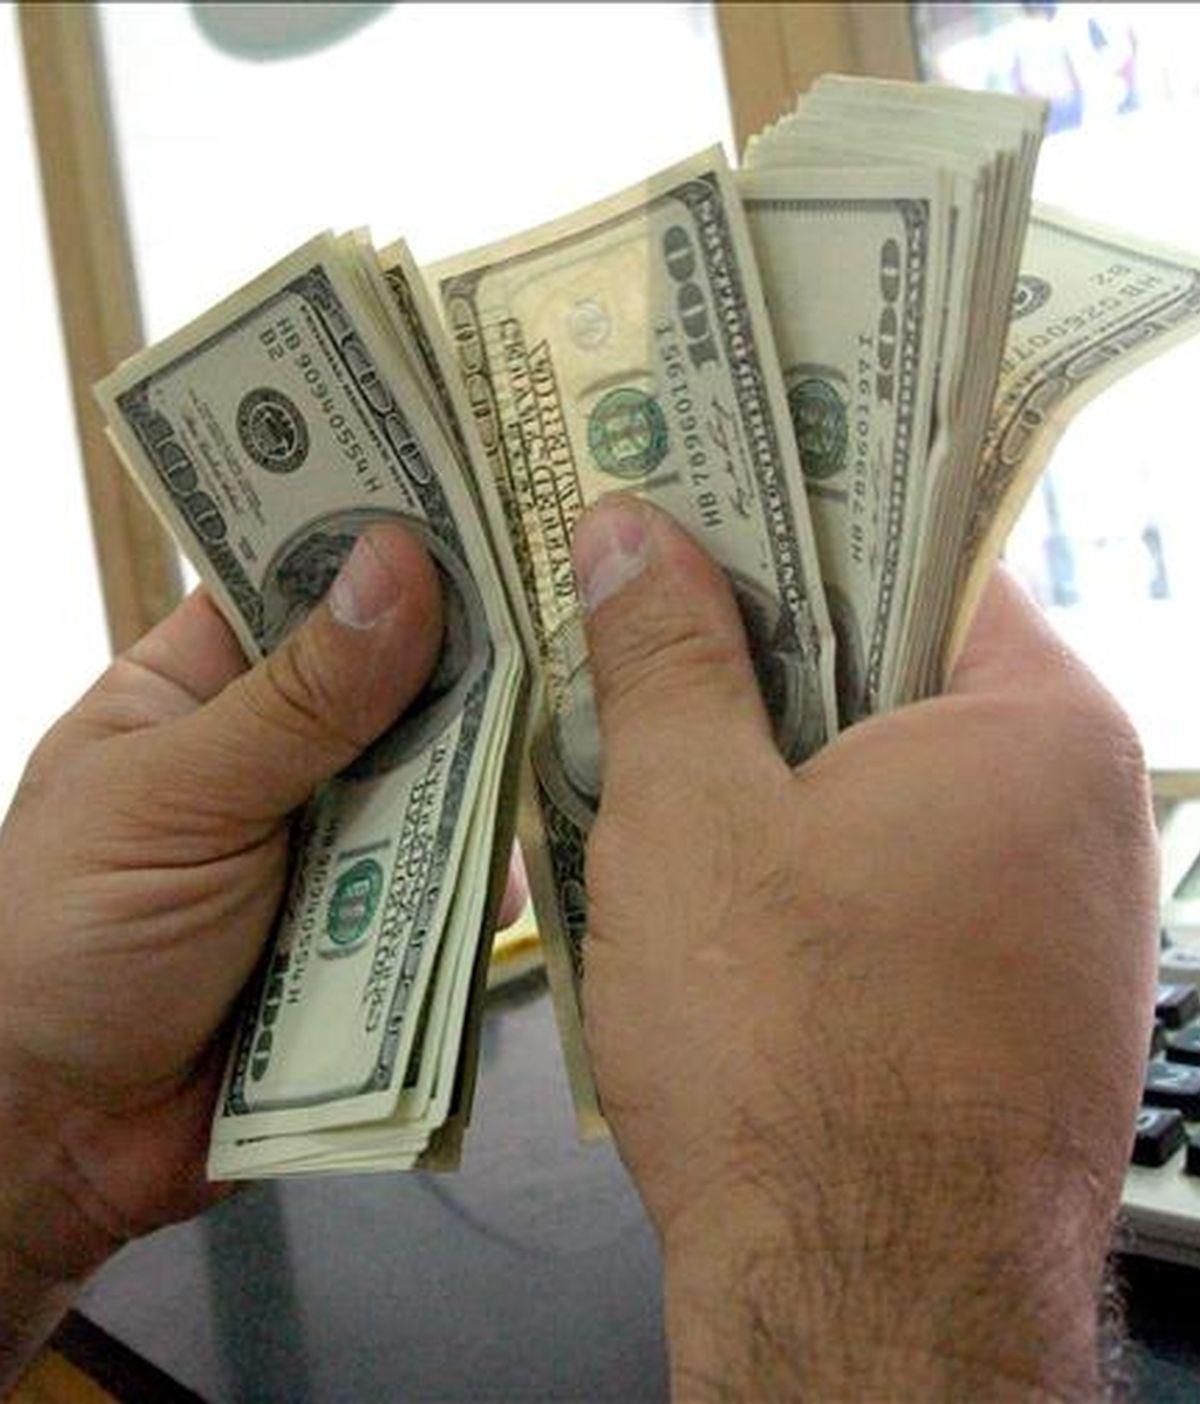 Portavoces del Ministerio de Economía dijeron que ese monto adicional de 1.000 millones de dólares es motivo de negociación para terminar de conciliar el monto de la deuda a refinanciar. EFE/Archivo